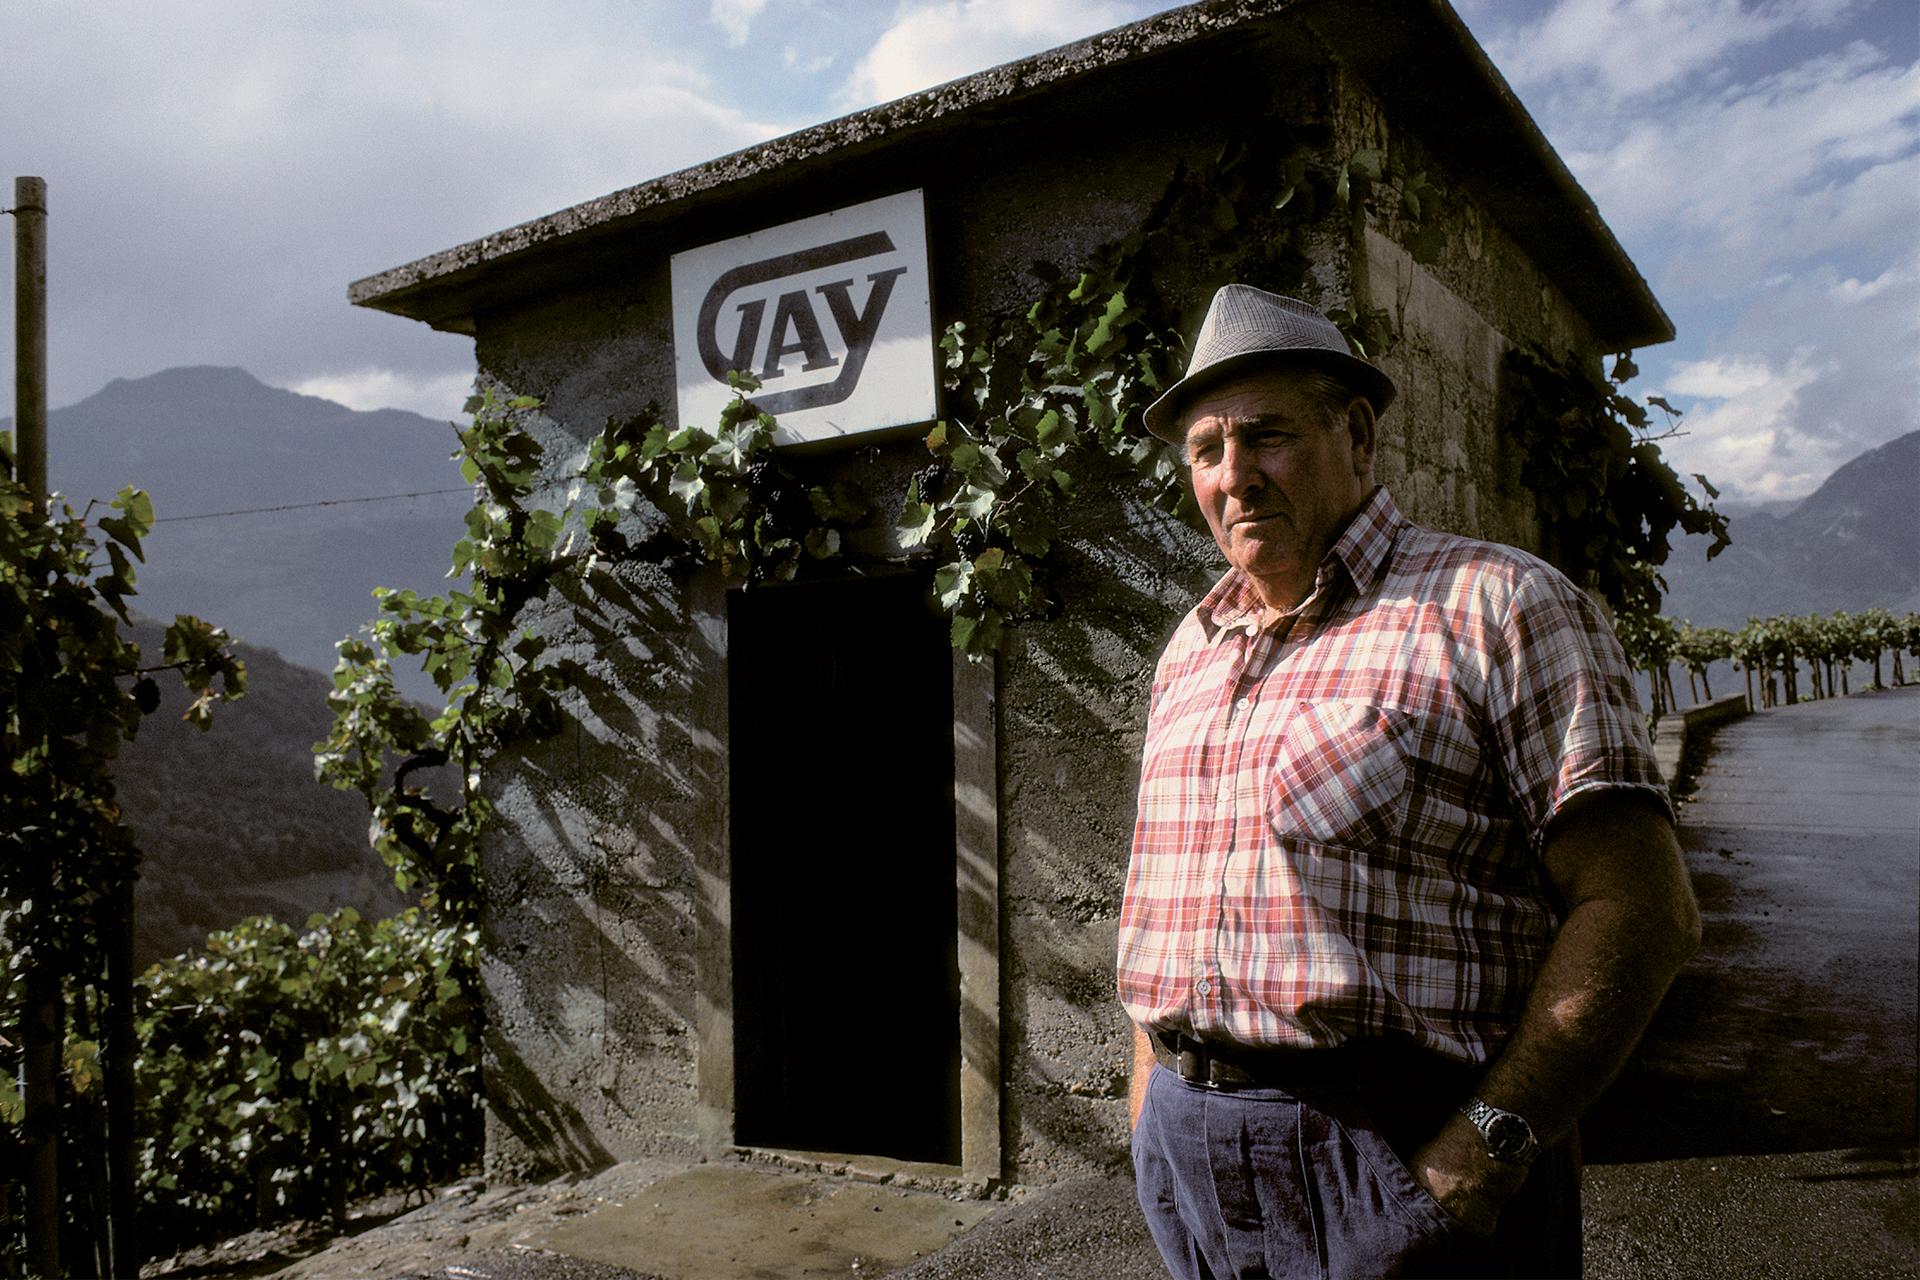 guérite Maurice Gay & vigneron